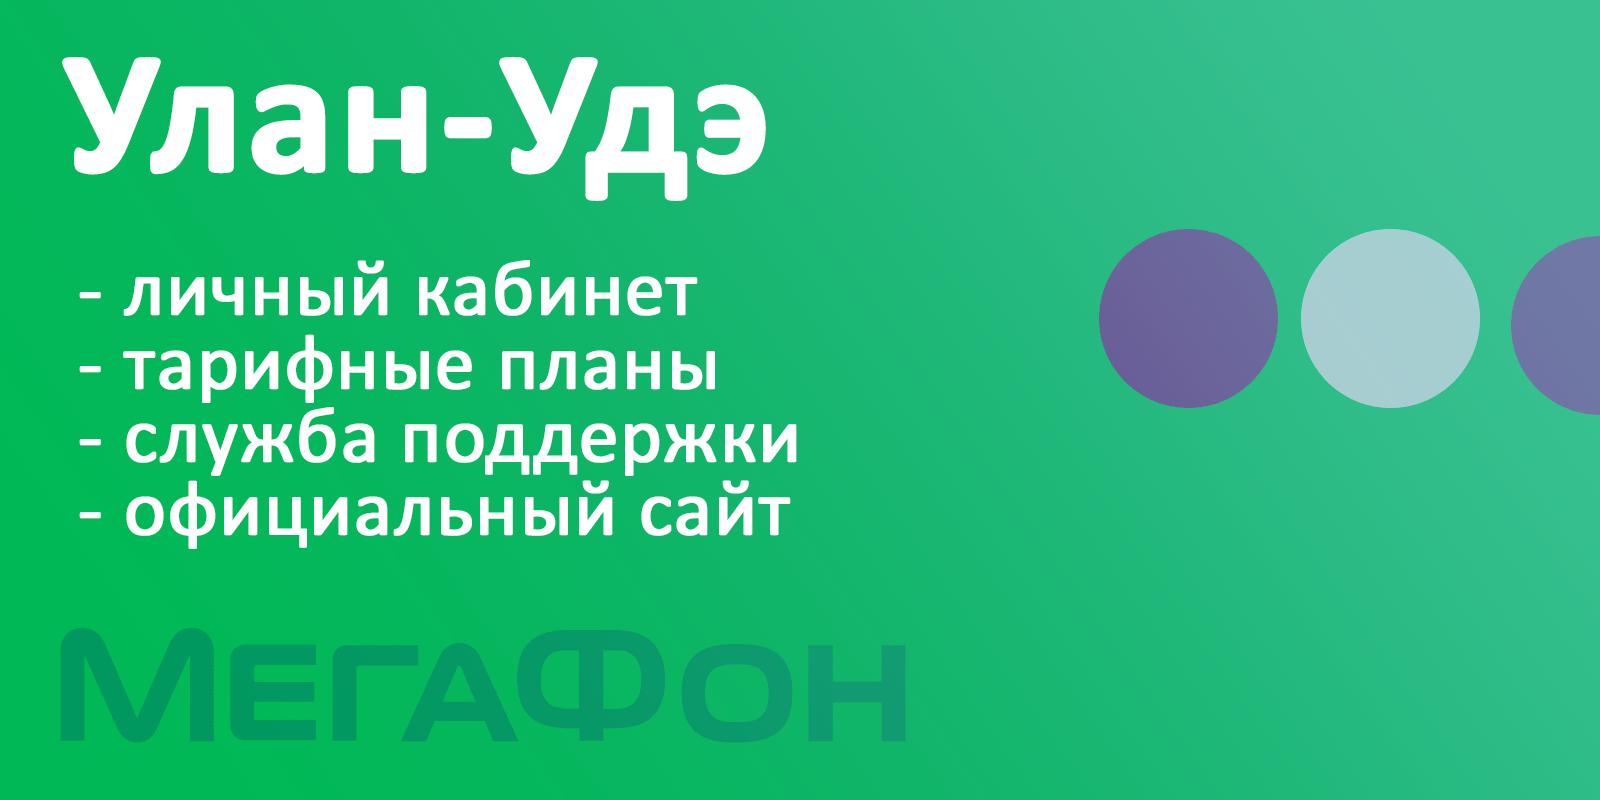 Мегафон Улан-Удэ - тарифы, официальный сайт, личный кабинет